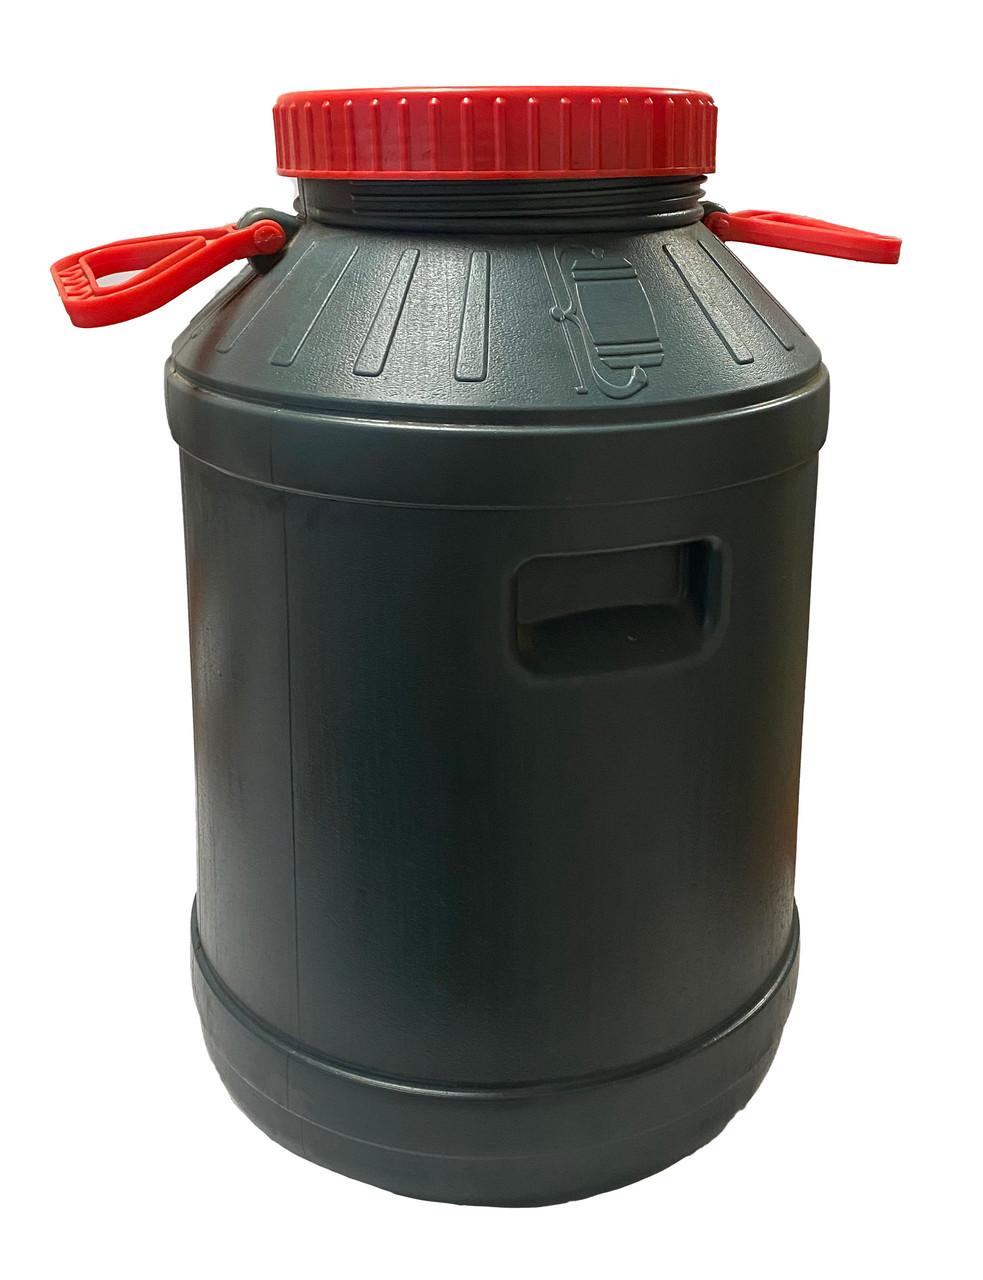 Бидон пластиковый пищевой, 80л,  АКЦІЙНИЙ, Од